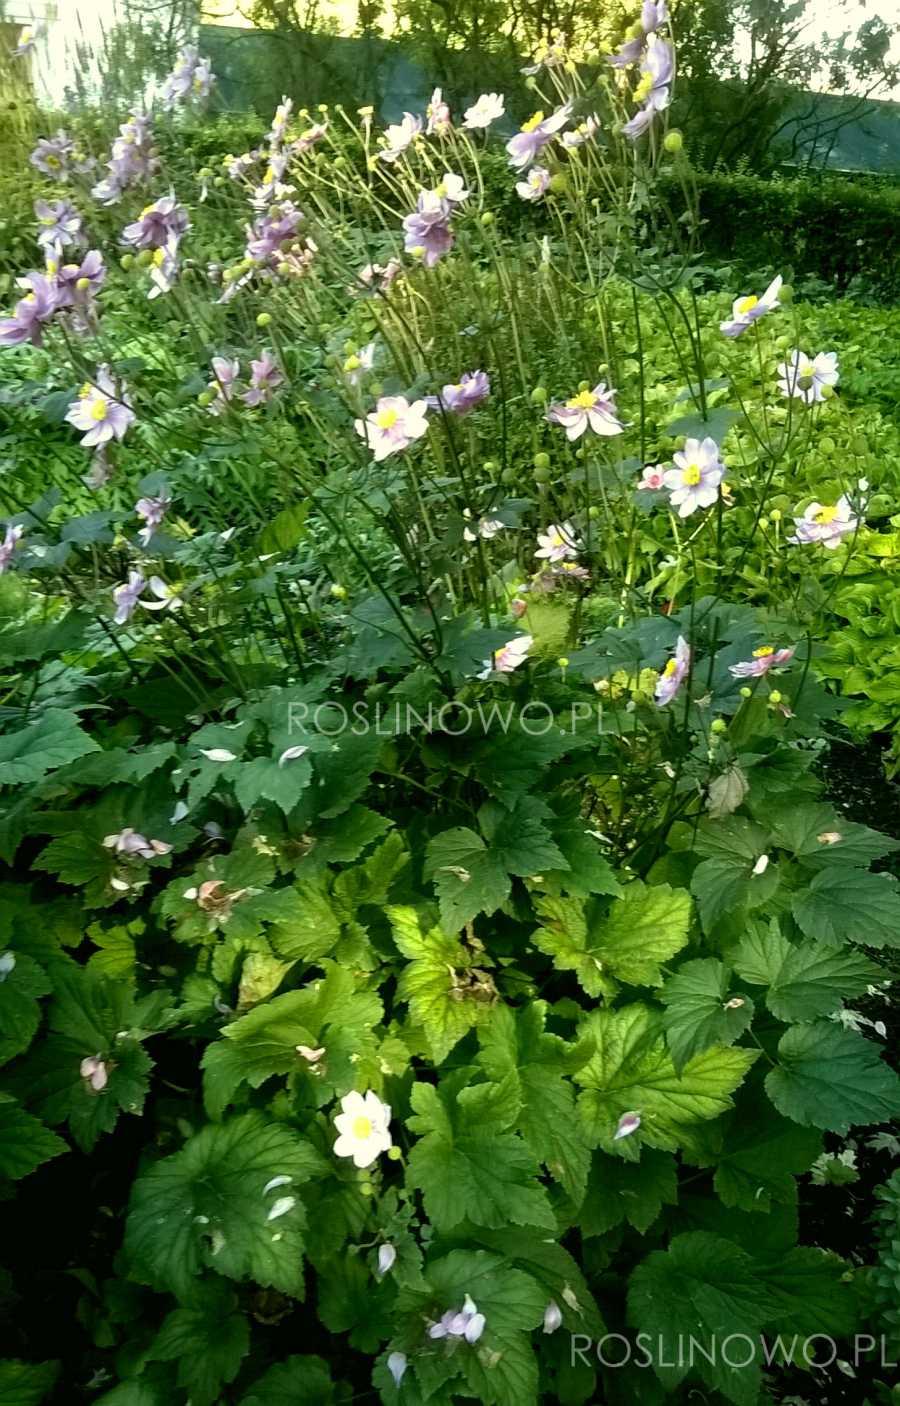 Zawilec japoński September Charm - kwiaty ogrodowe jesieni